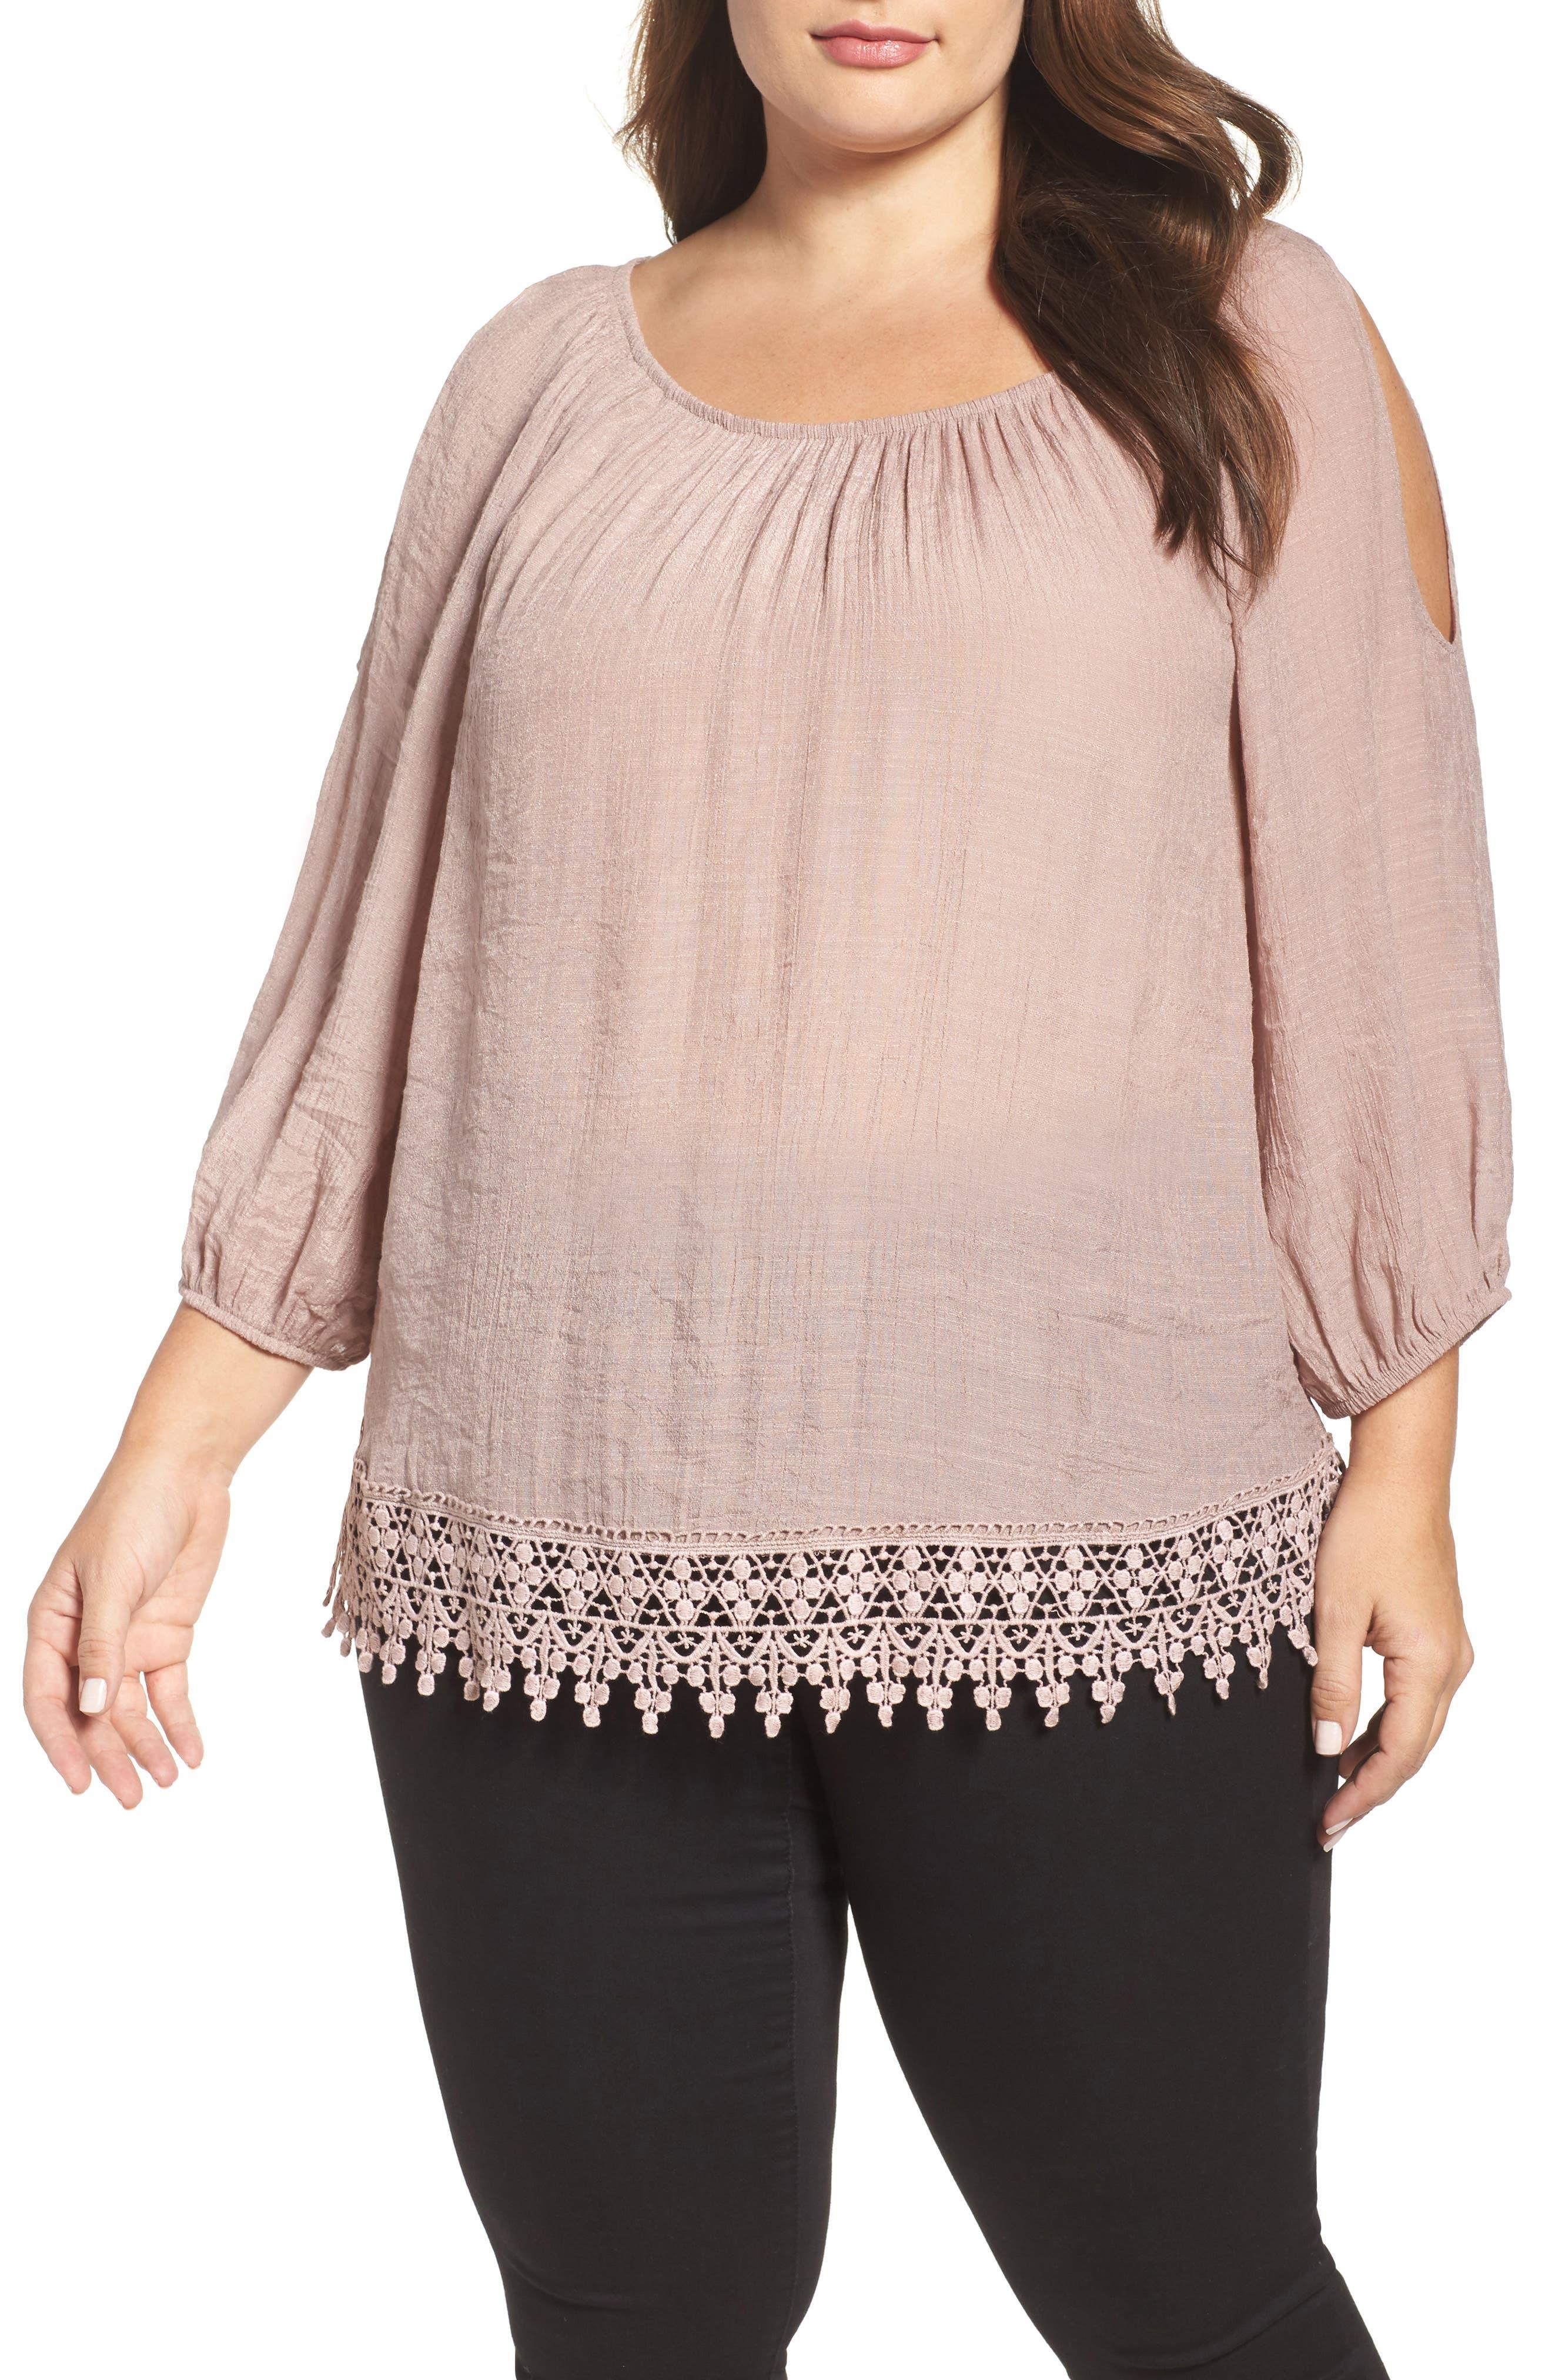 Alternate Image 1 Selected - Bobeau Cold Shoulder Lace Trim Top (Plus Size)